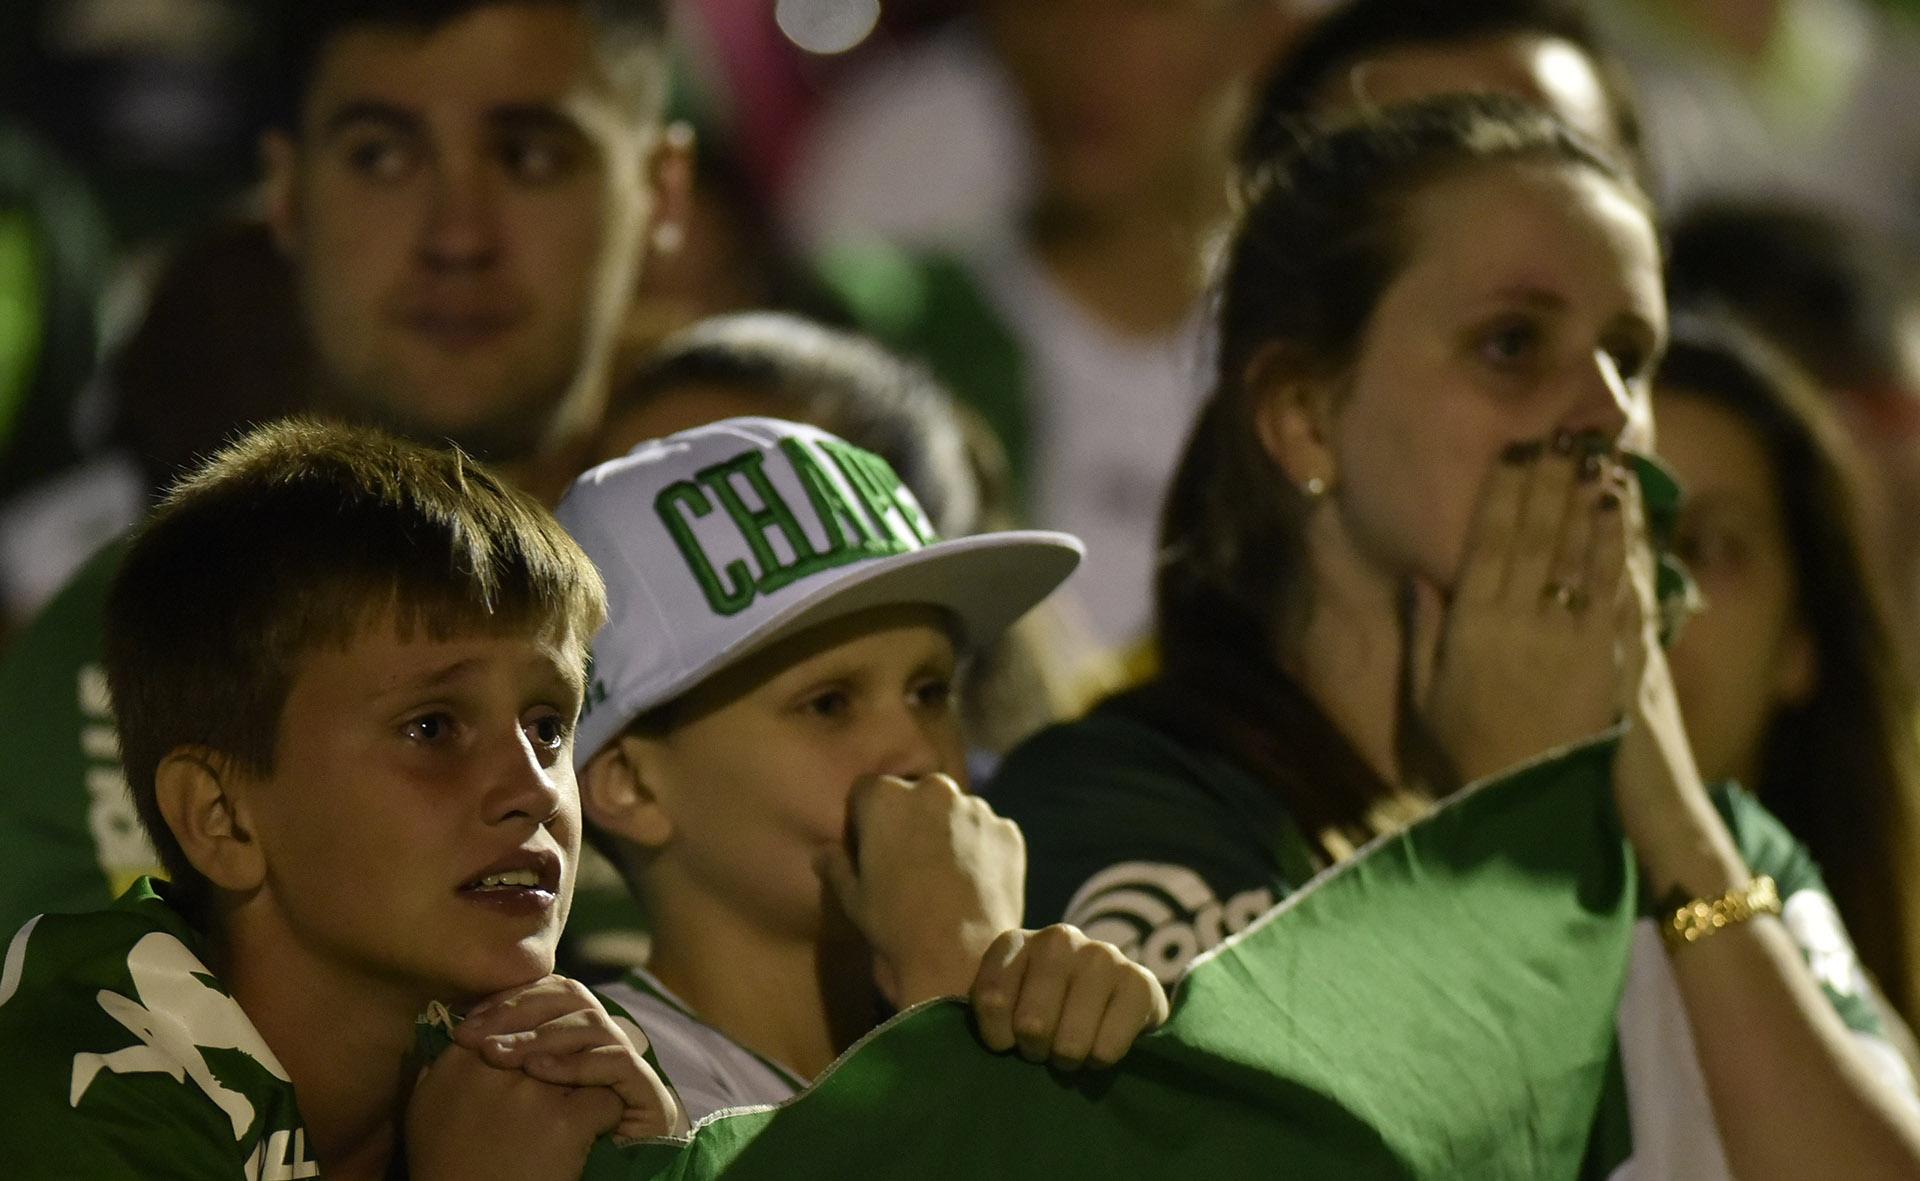 Jóvenes hinchas brasileños sufren en el homenaje a las víctimas en Brasil